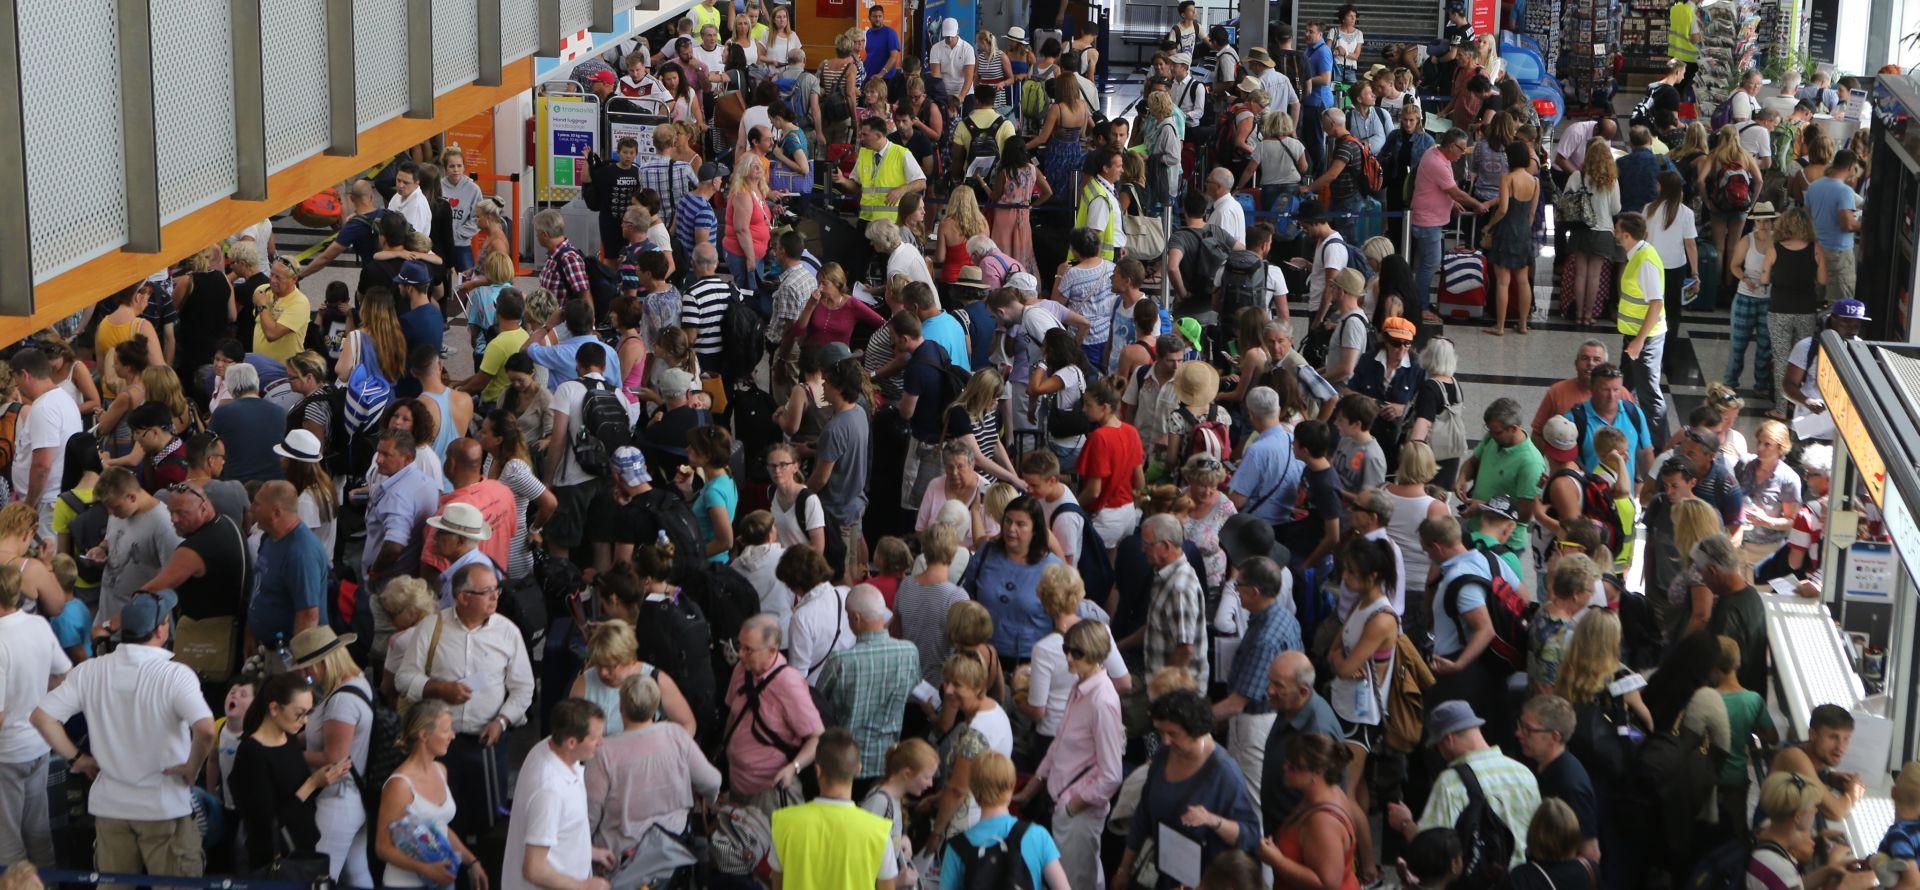 Vikend u splitskoj Zračnoj luci: Rekordnih 40.000 putnika!